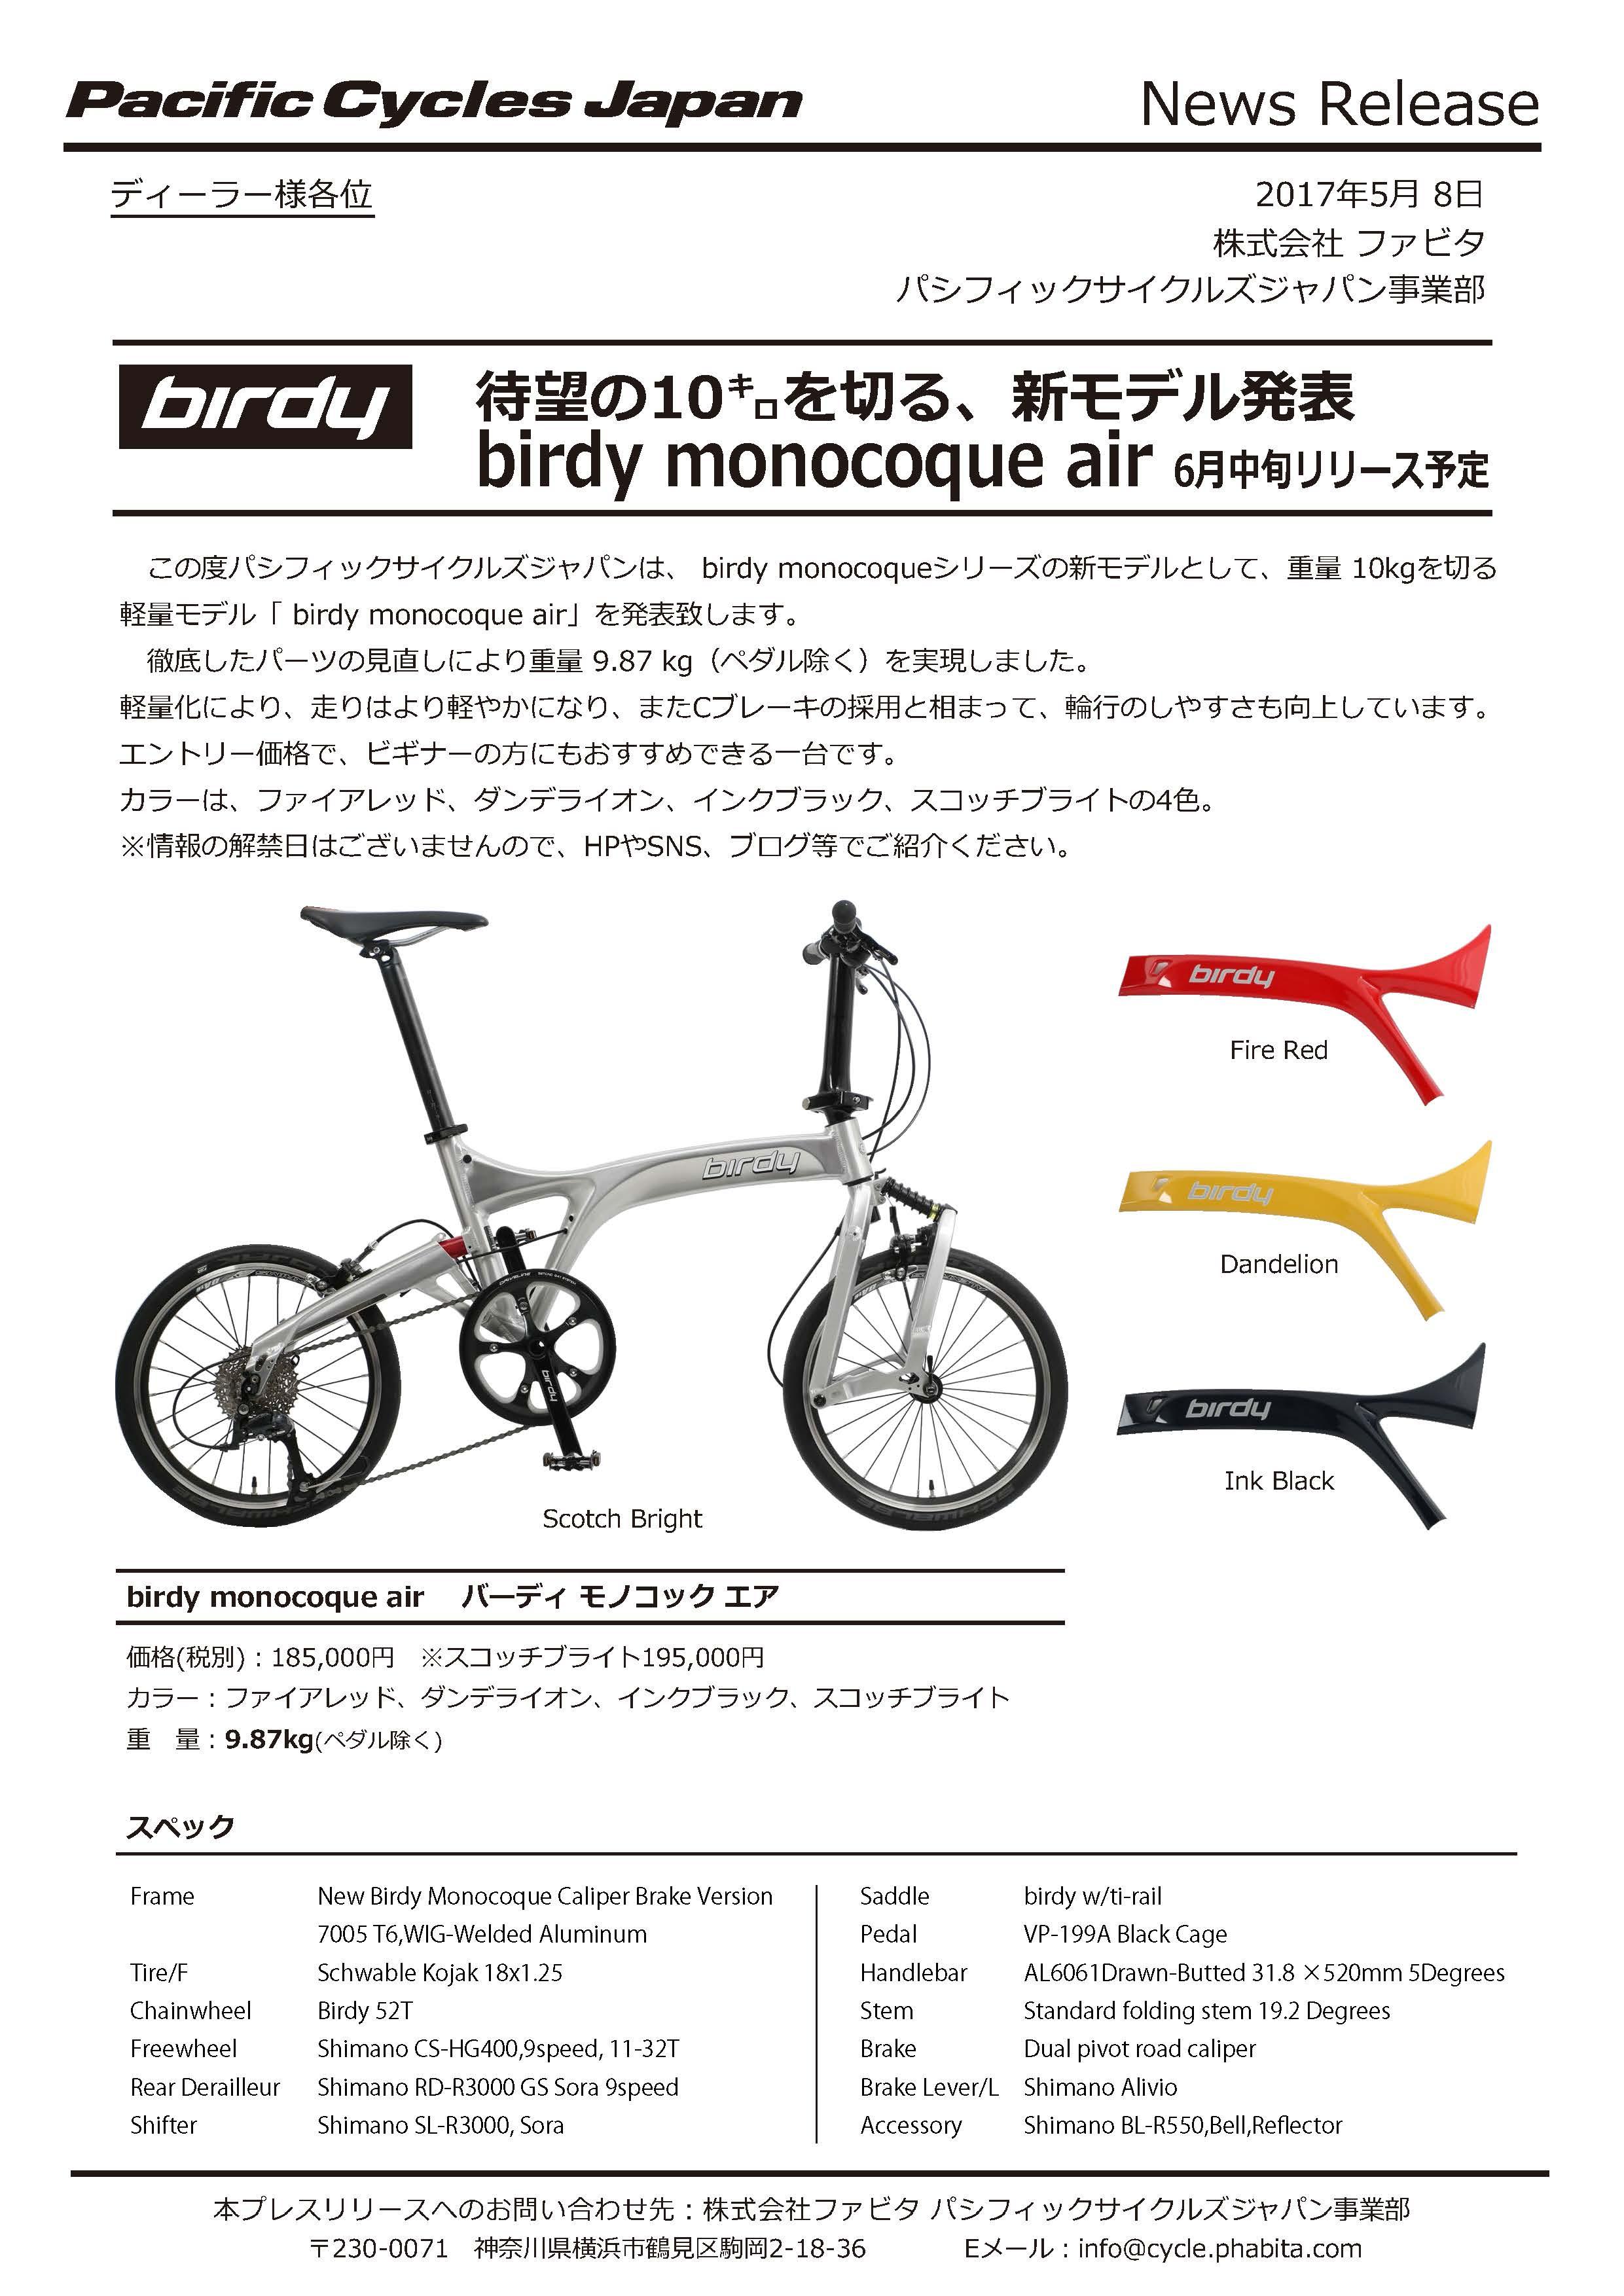 newsrelease_1705_birdy_air.jpg